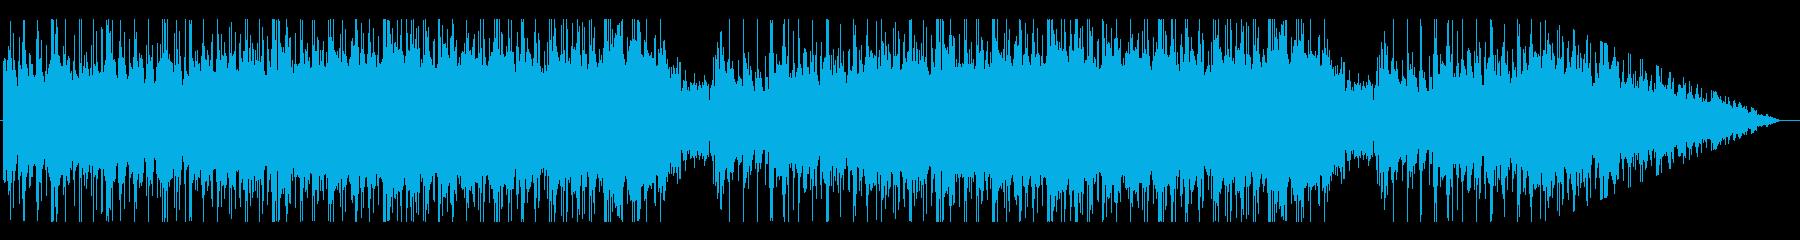 ロックなエレキギター/テンション上げの再生済みの波形